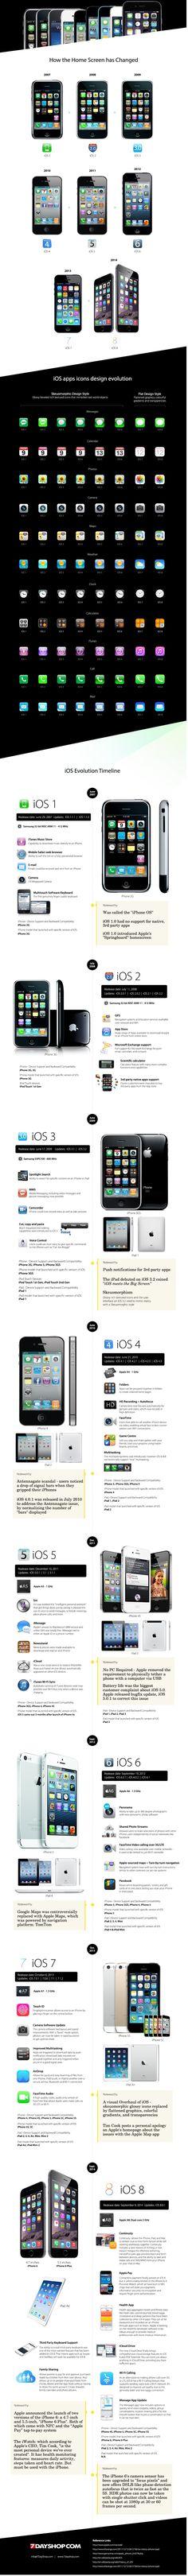 Die Entwicklung von iOS 1 bis 8